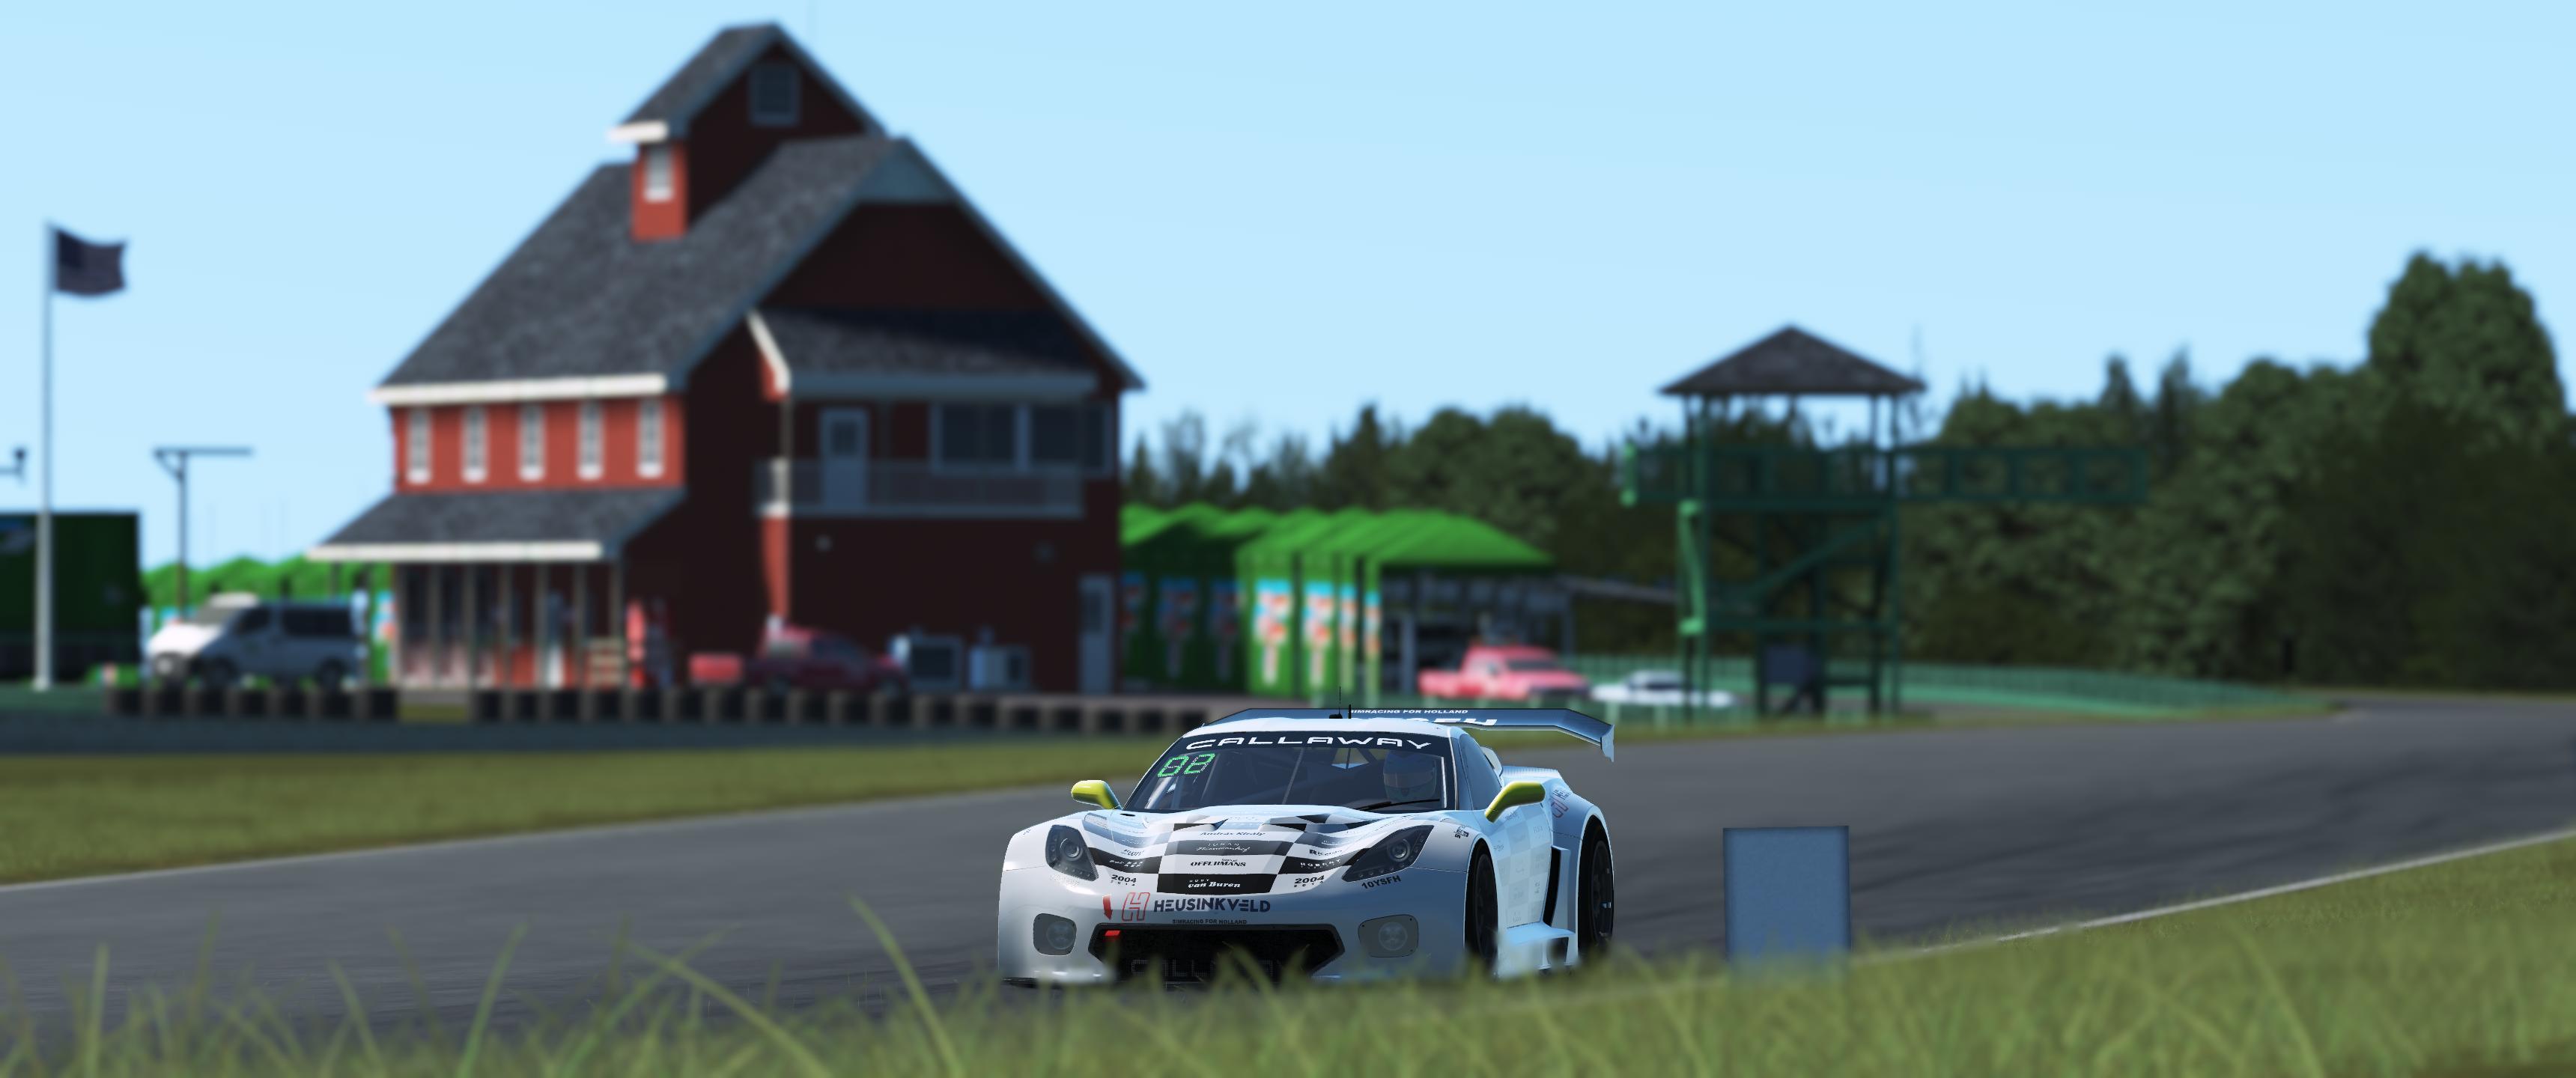 190307_2 GT3 Vette @ VIR-online practice.jpg